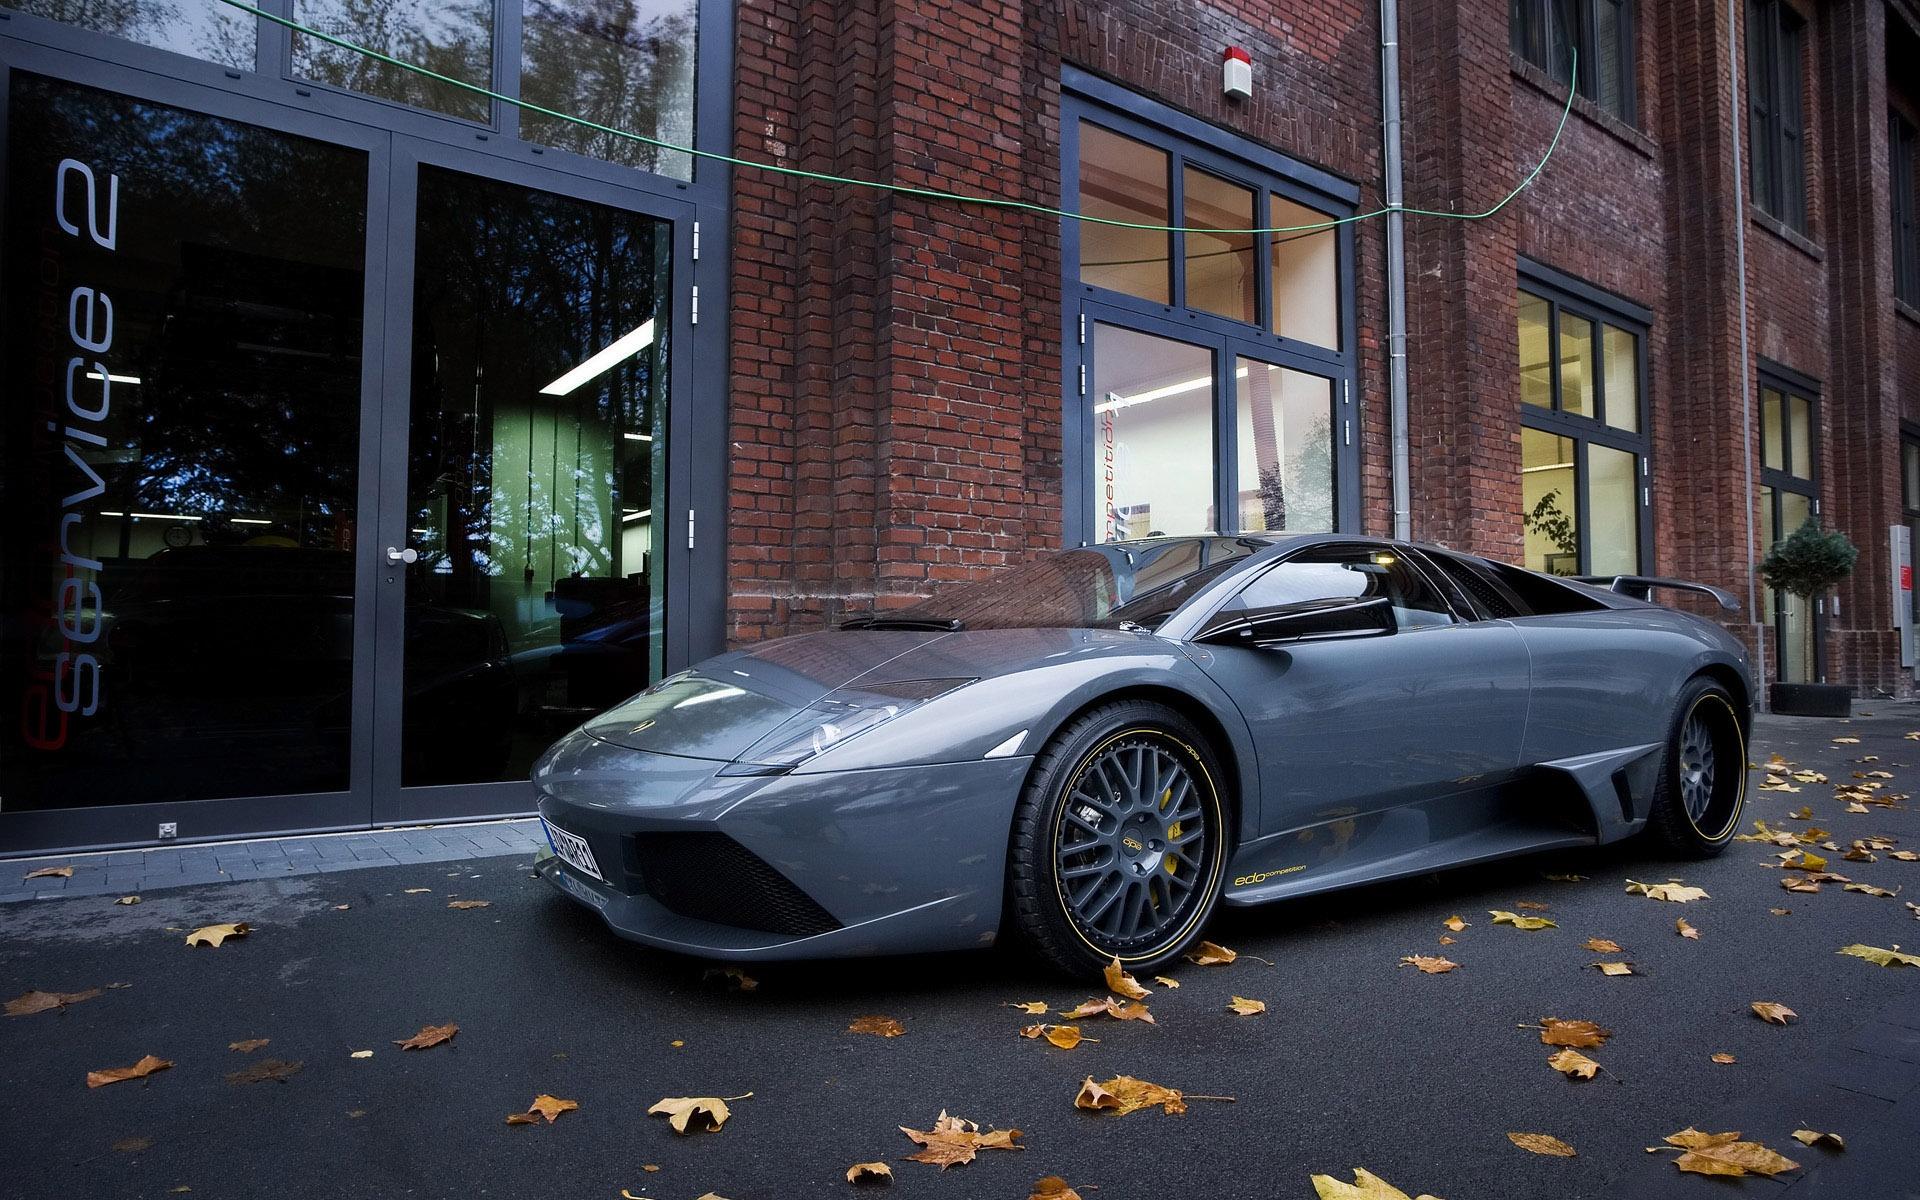 Wallpaper Dark Blue Lamborghini 1920x1200 Hd Picture Image